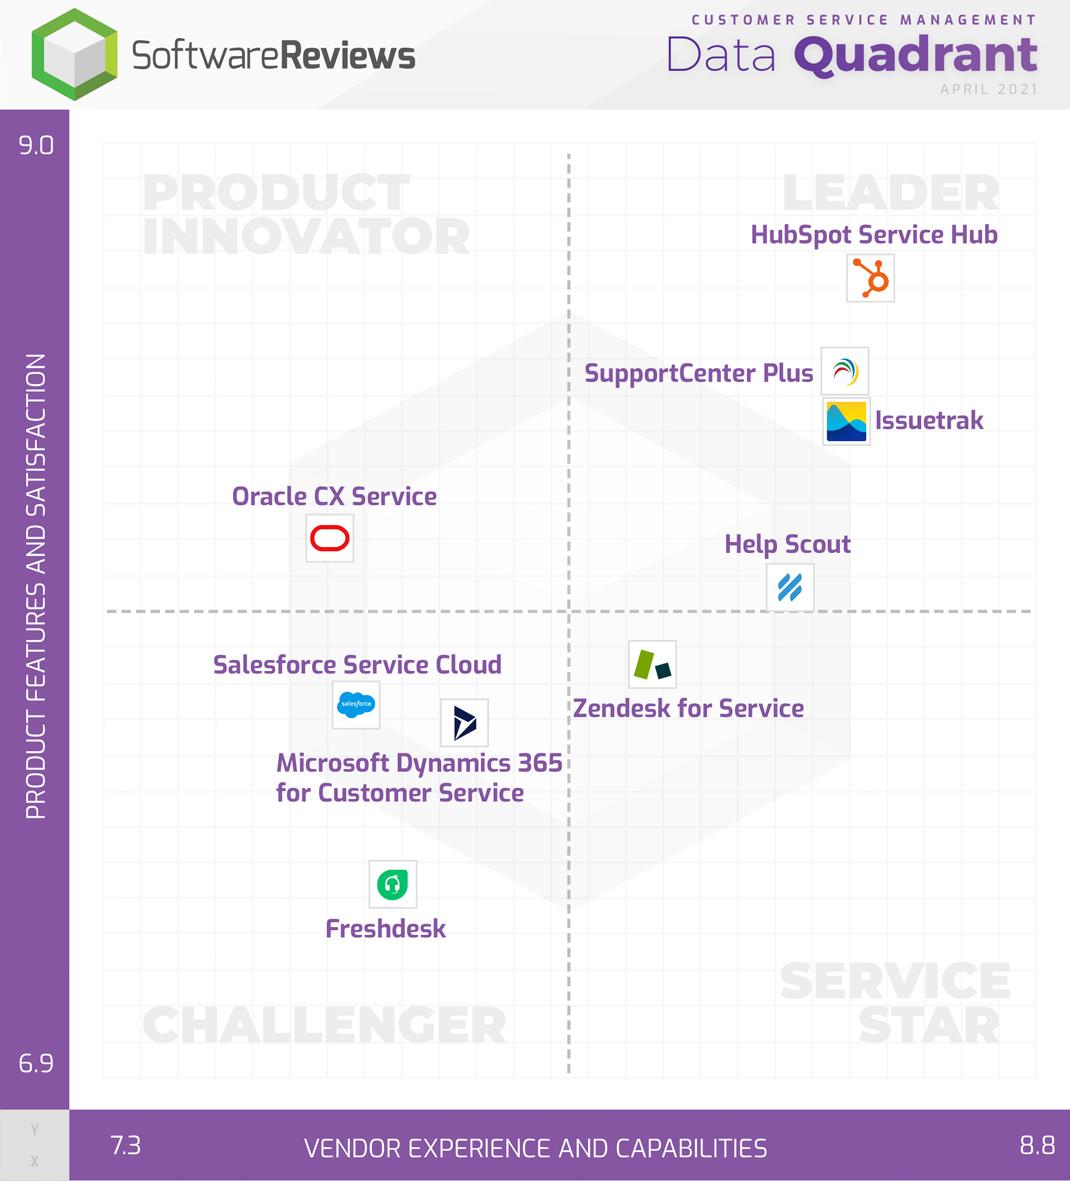 Quadrante de dados do SoftwareReviews